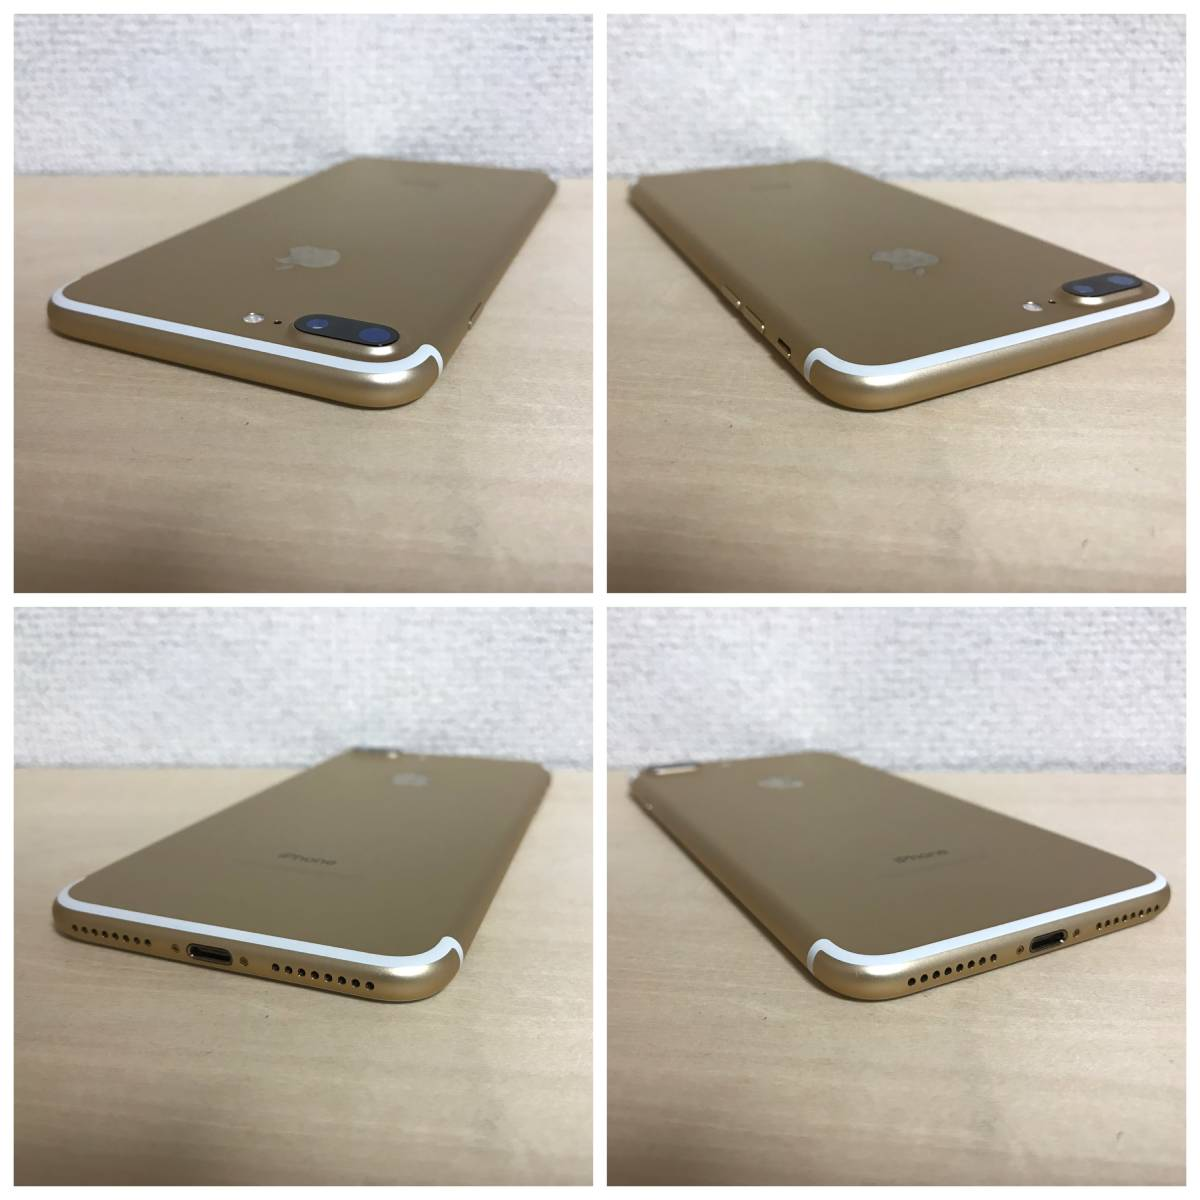 【超美品・電池良好】 SIMフリー iPhone7 Plus 128GB Gold iPhone7プラス_画像6